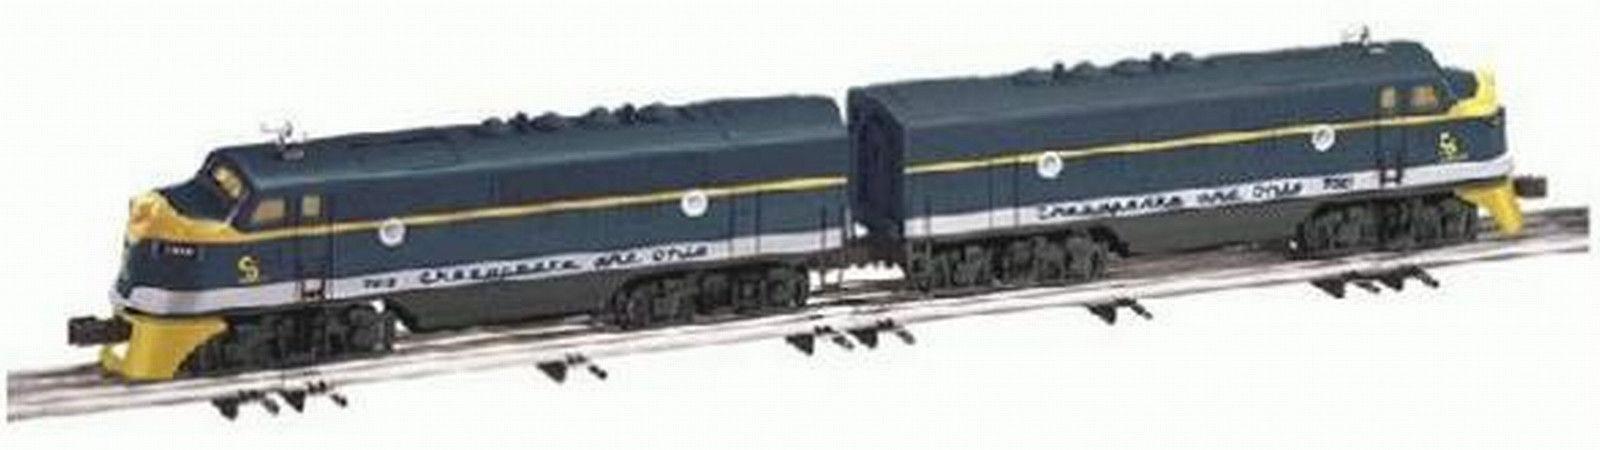 Lionel Chesapeake & Ohio (C&0) (C&0) (C&0) F-3 A-A Diesel Set TMCC, 6-38144, nuovo Sealed C-10 480087